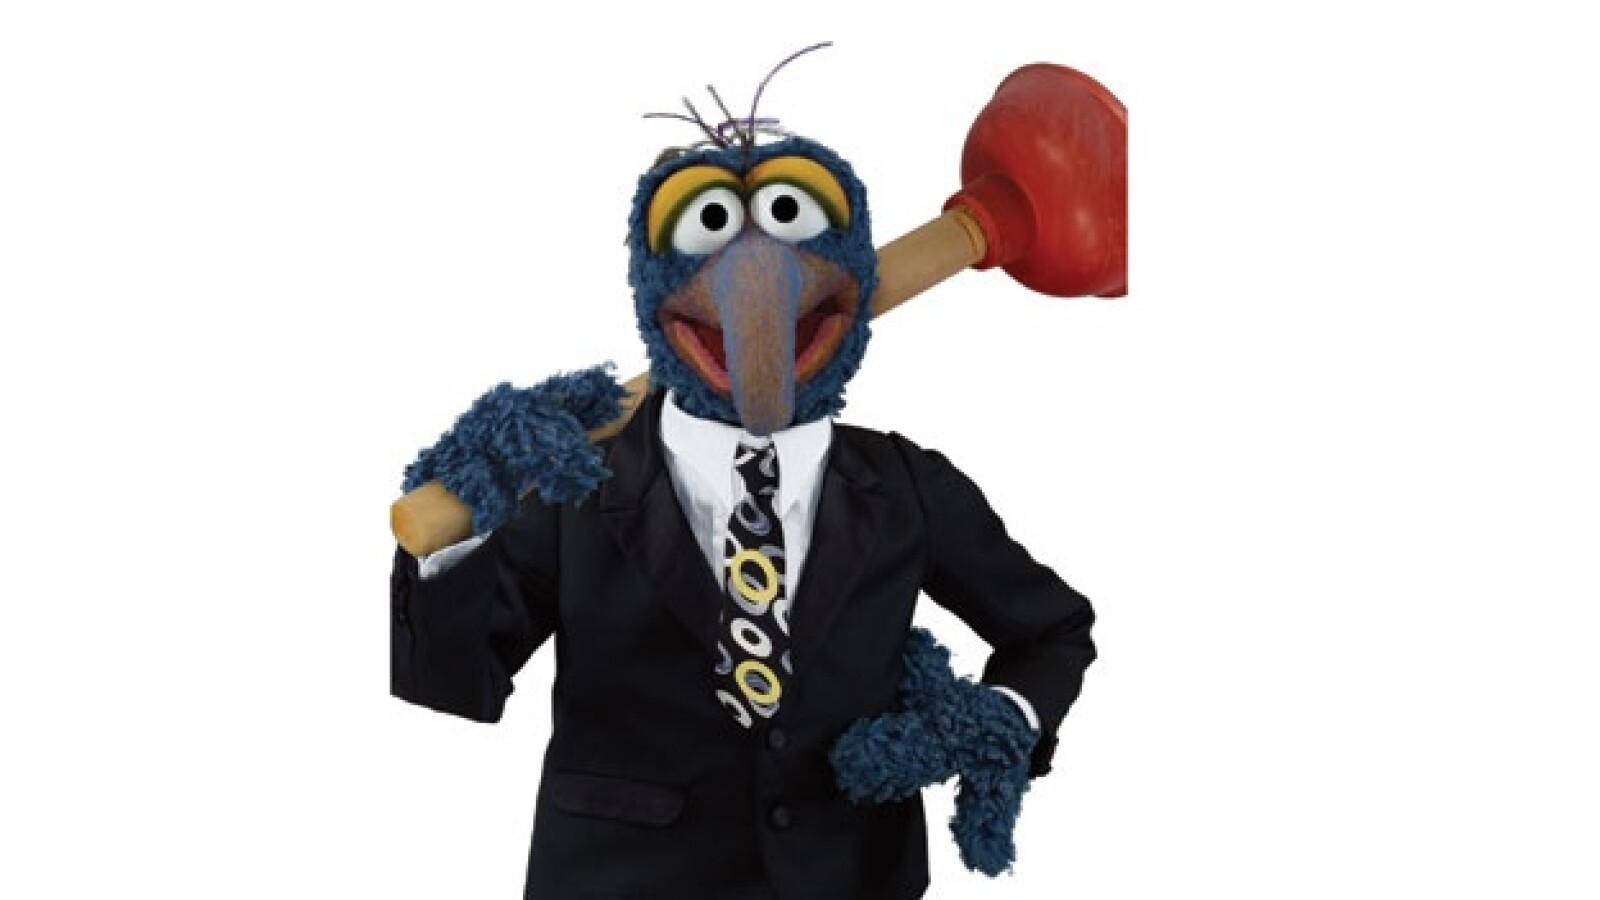 Gonzo muppets